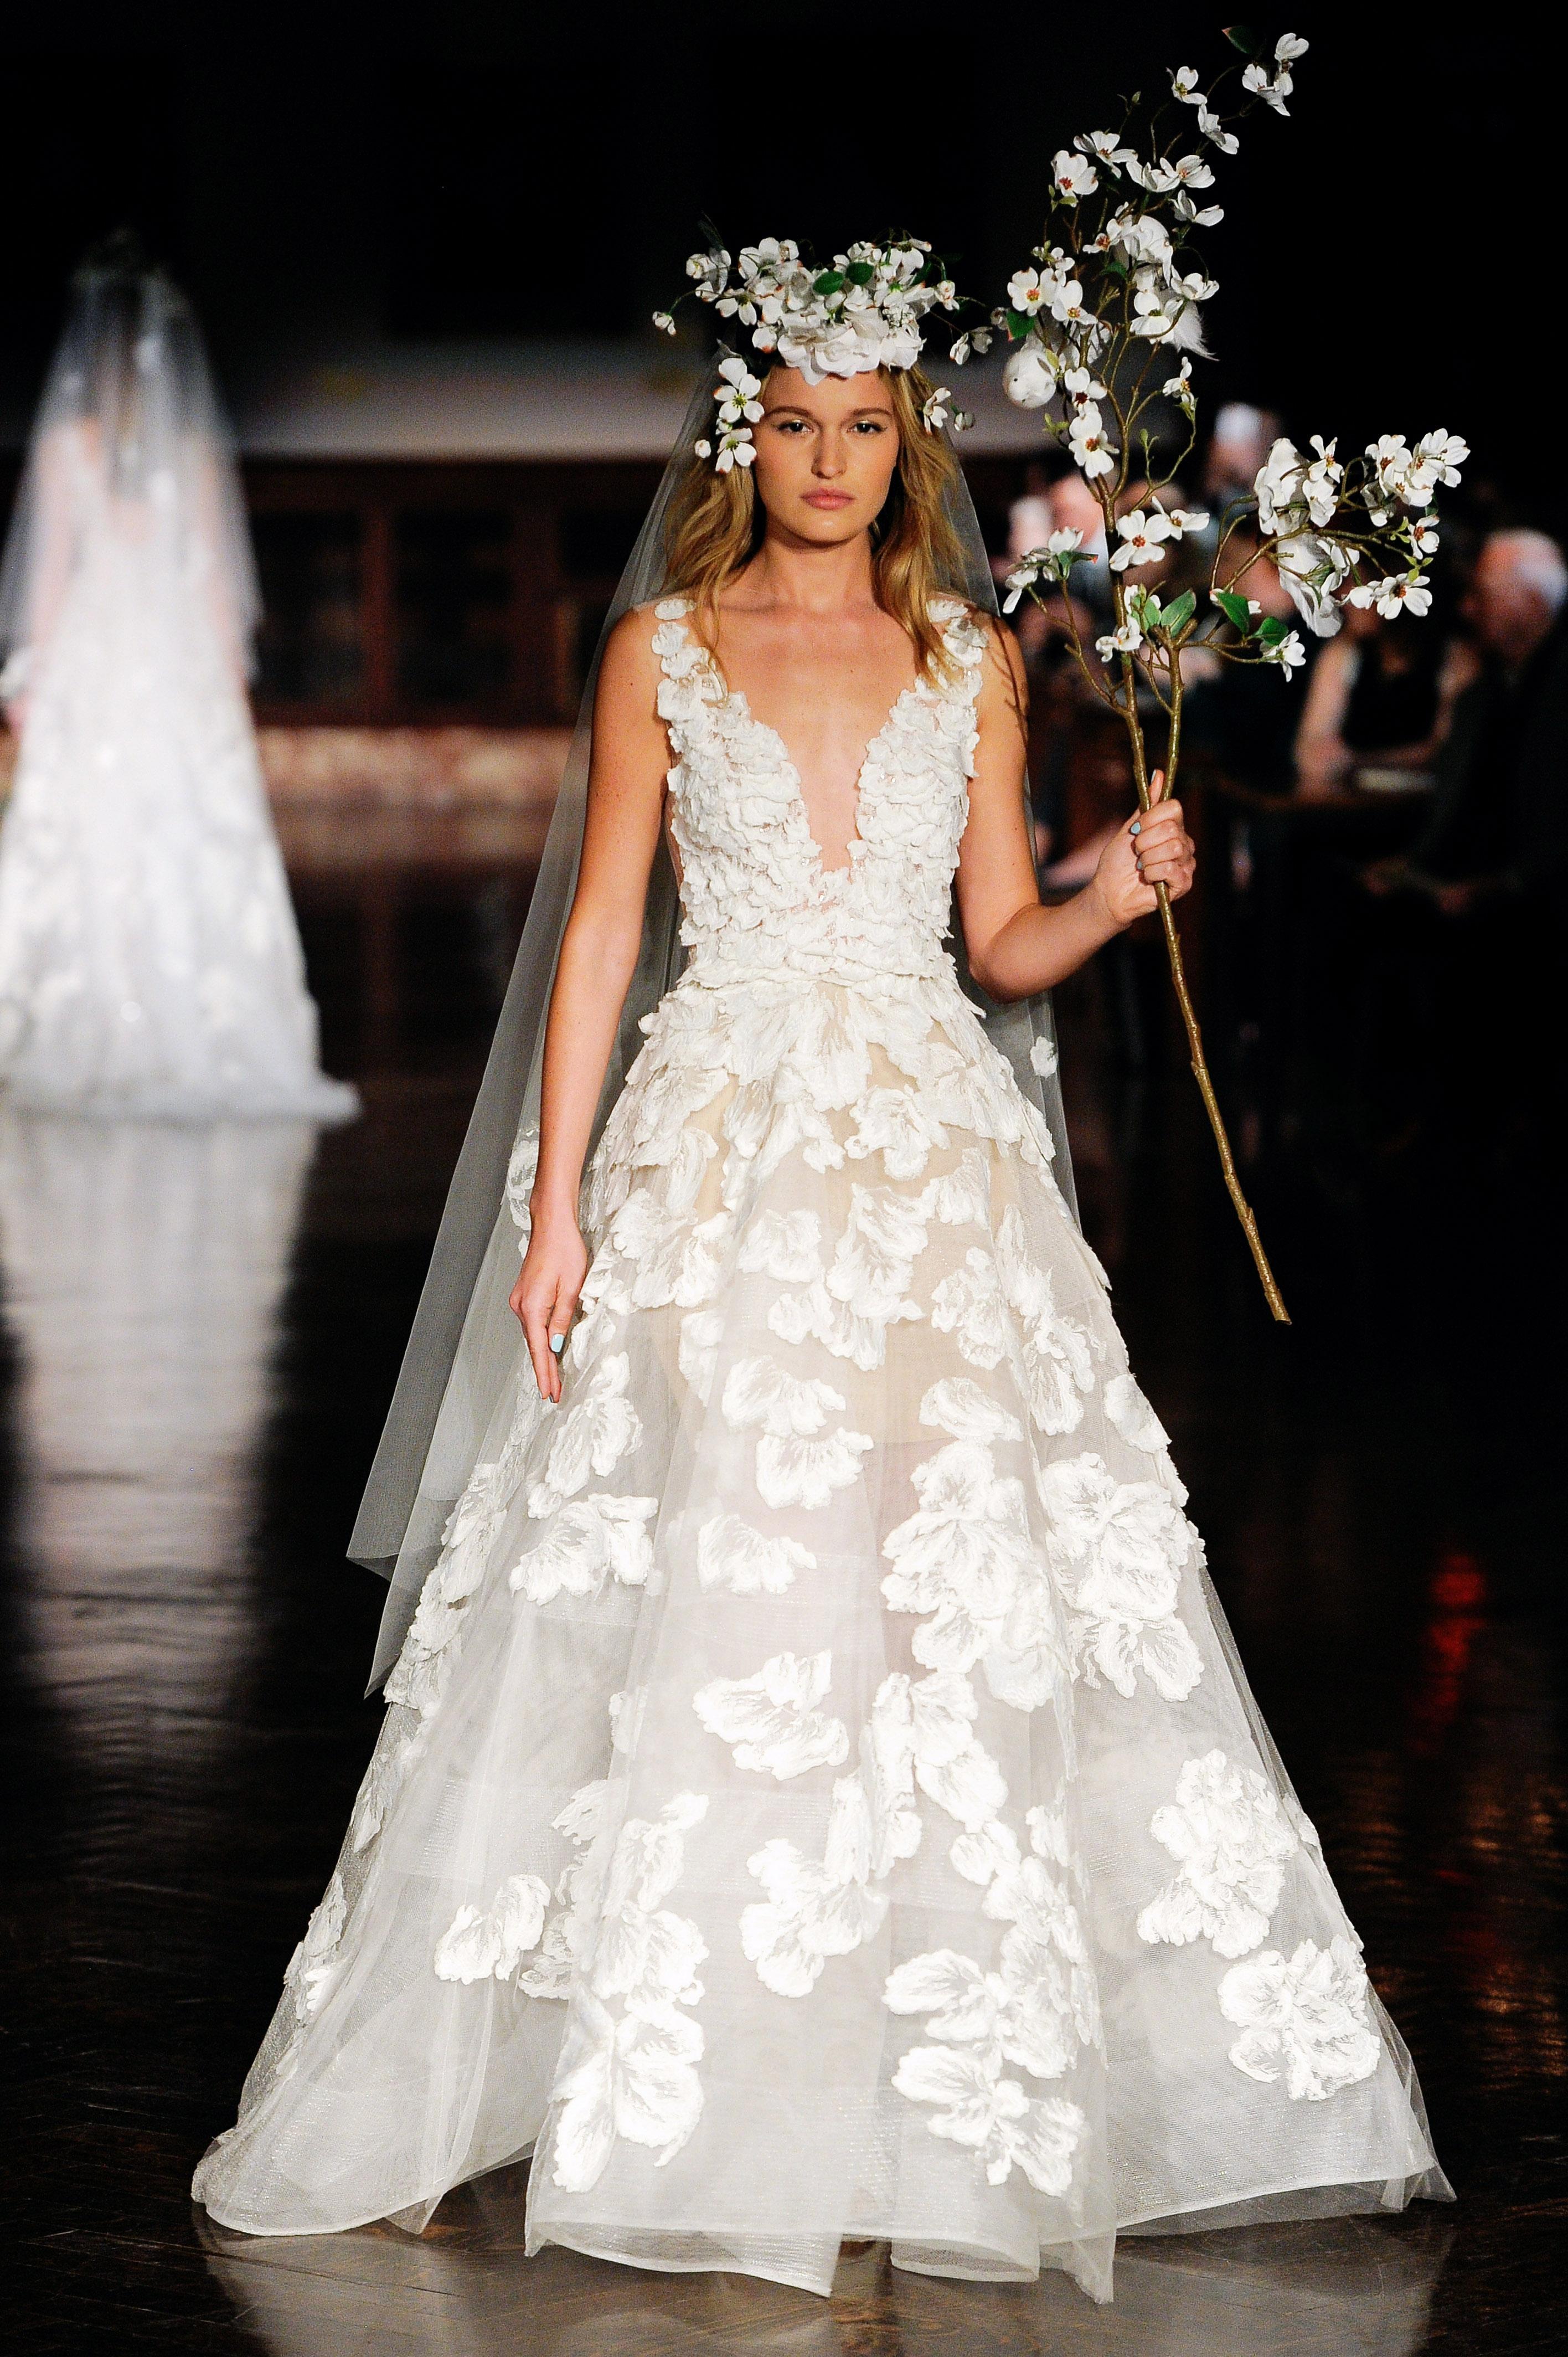 reem acra wedding dress spring 2019 v-neck a-line